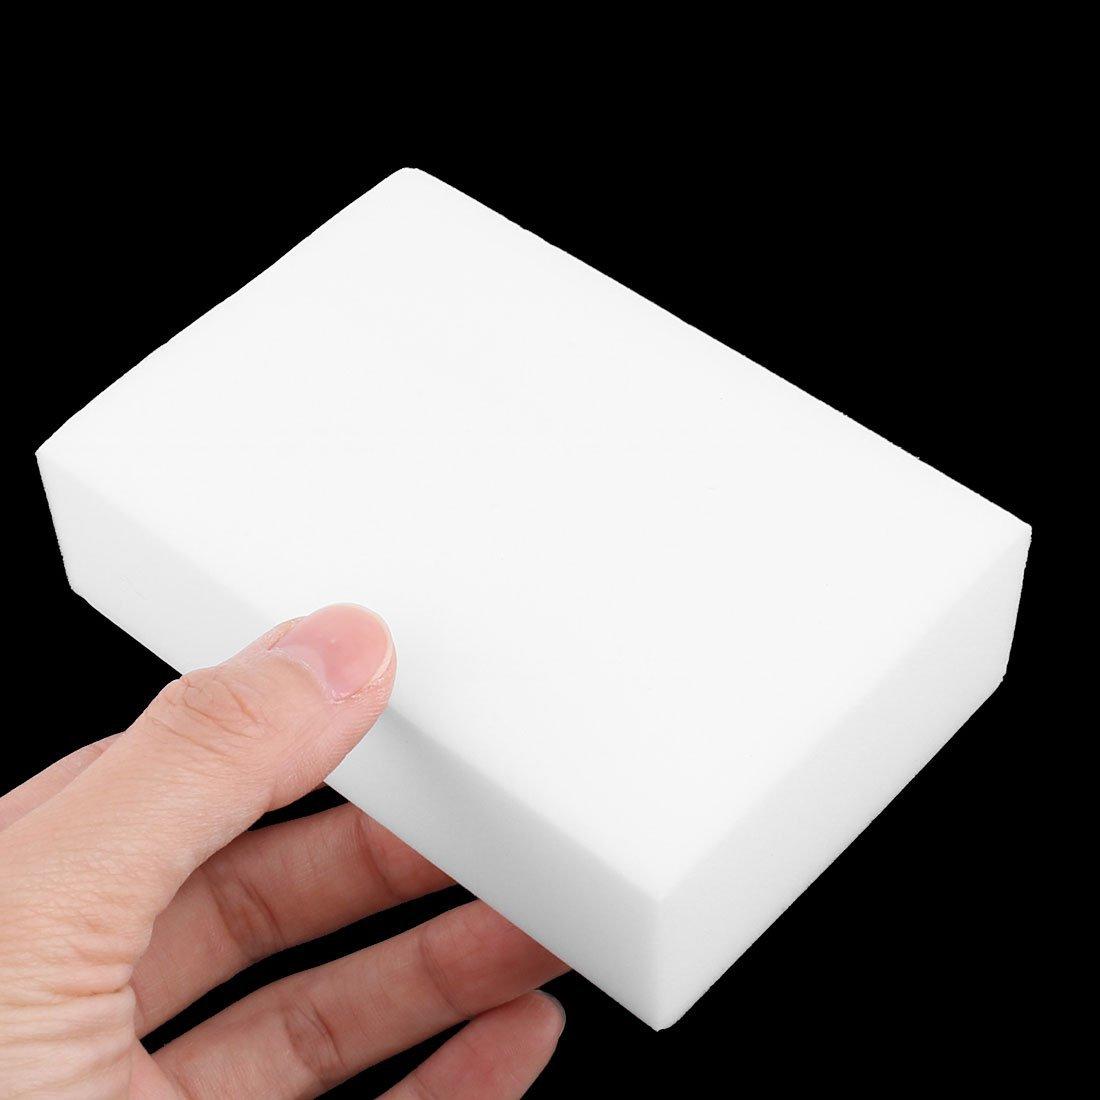 Amazon.com: eDealMax Esponja Domésticos de Cocina rectángulo Pot Pan Placa 14pcs Tazón de limpieza almohadilla Blanca: Health & Personal Care